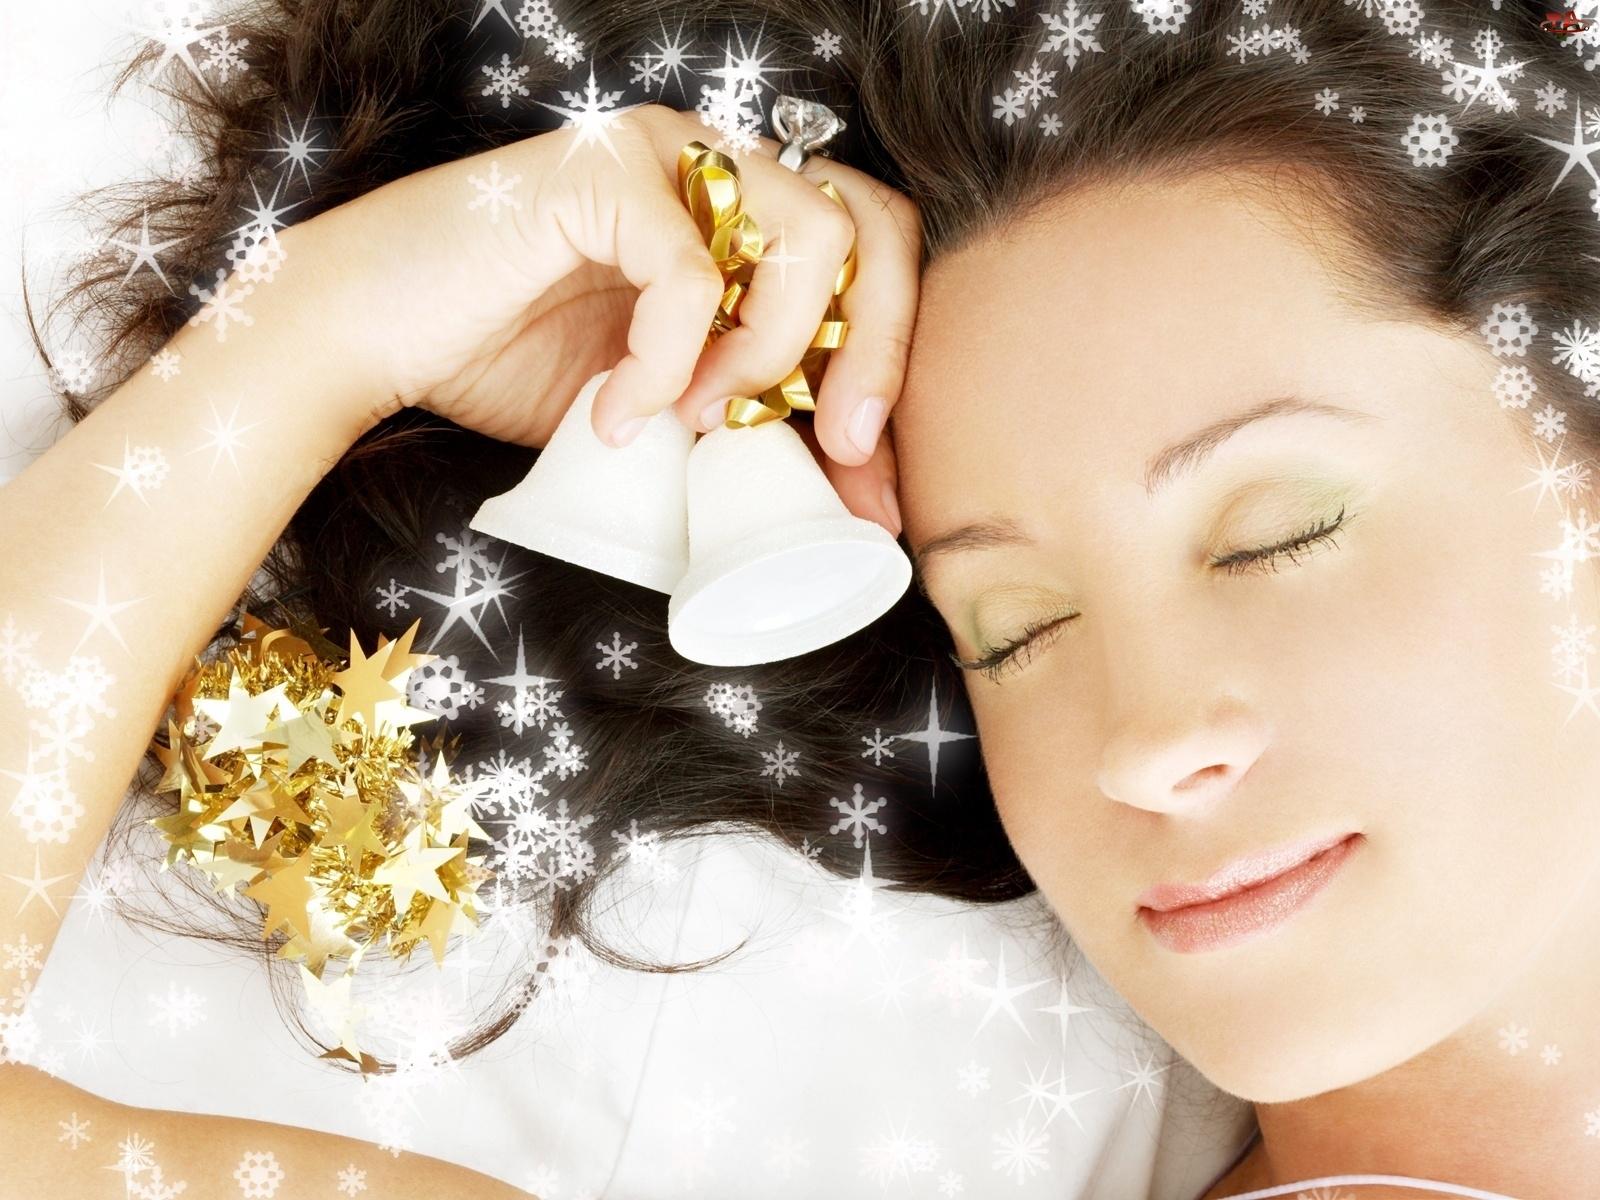 Śpiąca, Gwiazdki, Kobieta, Dzwoneczki